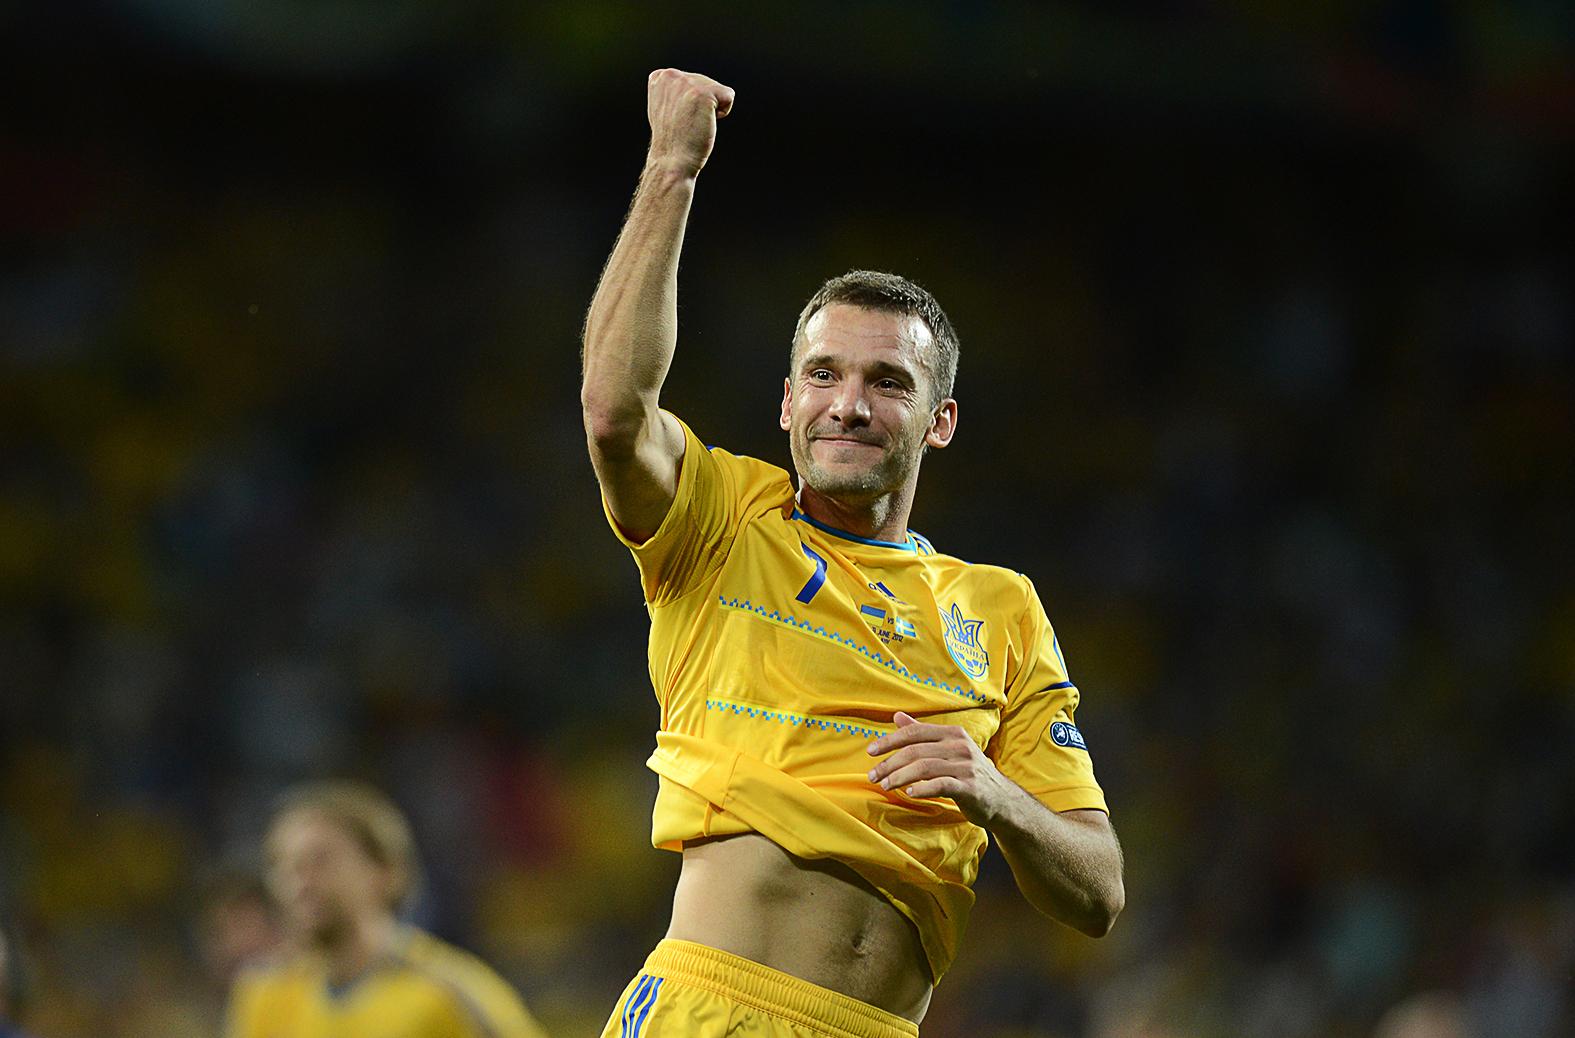 Andrij Sevcsenko a Svédország elleni ukrajnai Európa-bajnokság mérkőzésén 2012, június 11-én #moszkvater